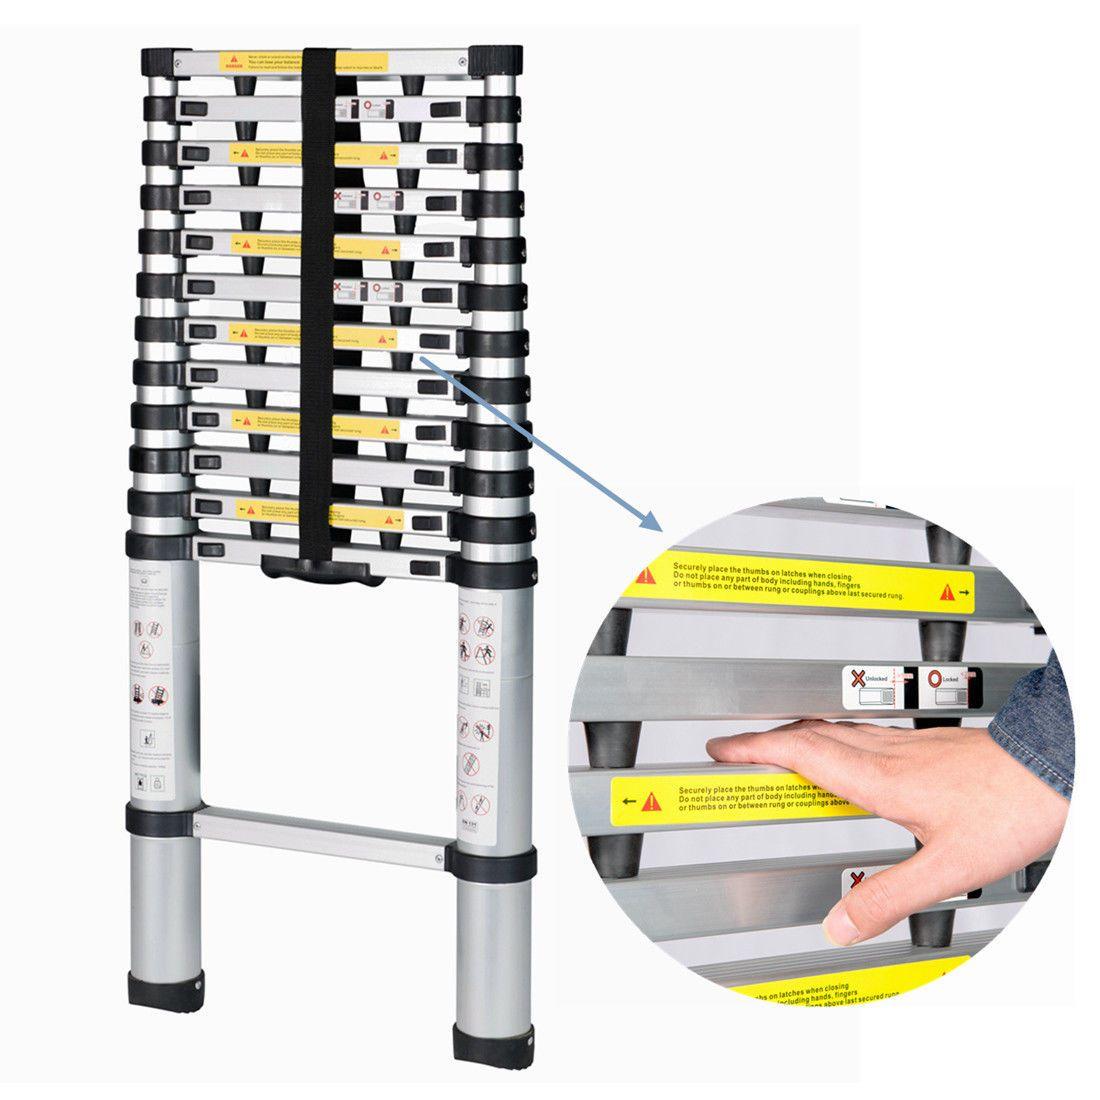 12.5' FT EN131 Professional Extension Aluminum Multi Purpose Telescoping Ladder